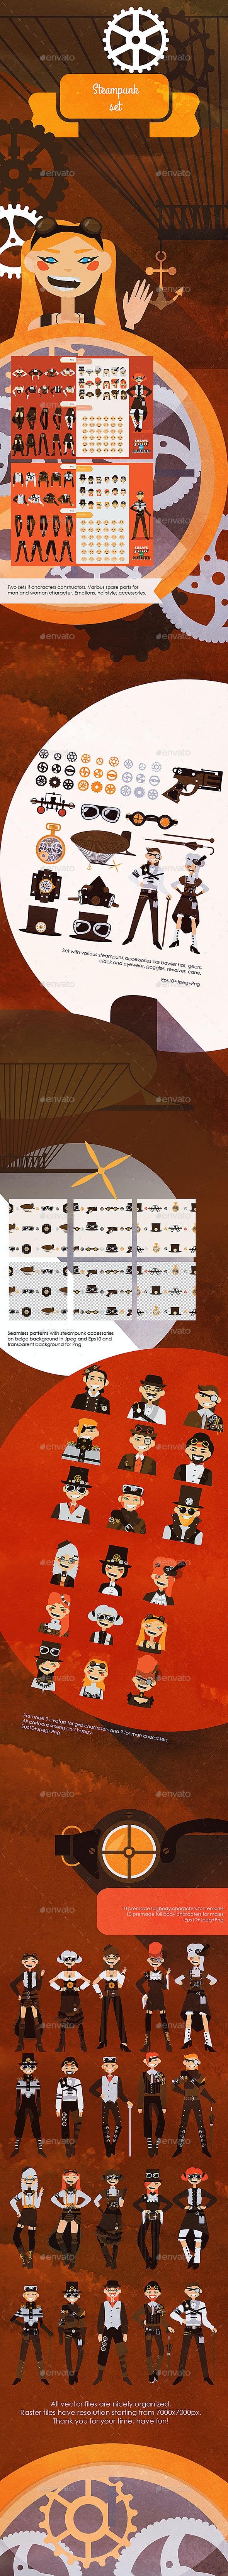 Steampunk Vintage Set - People Characters